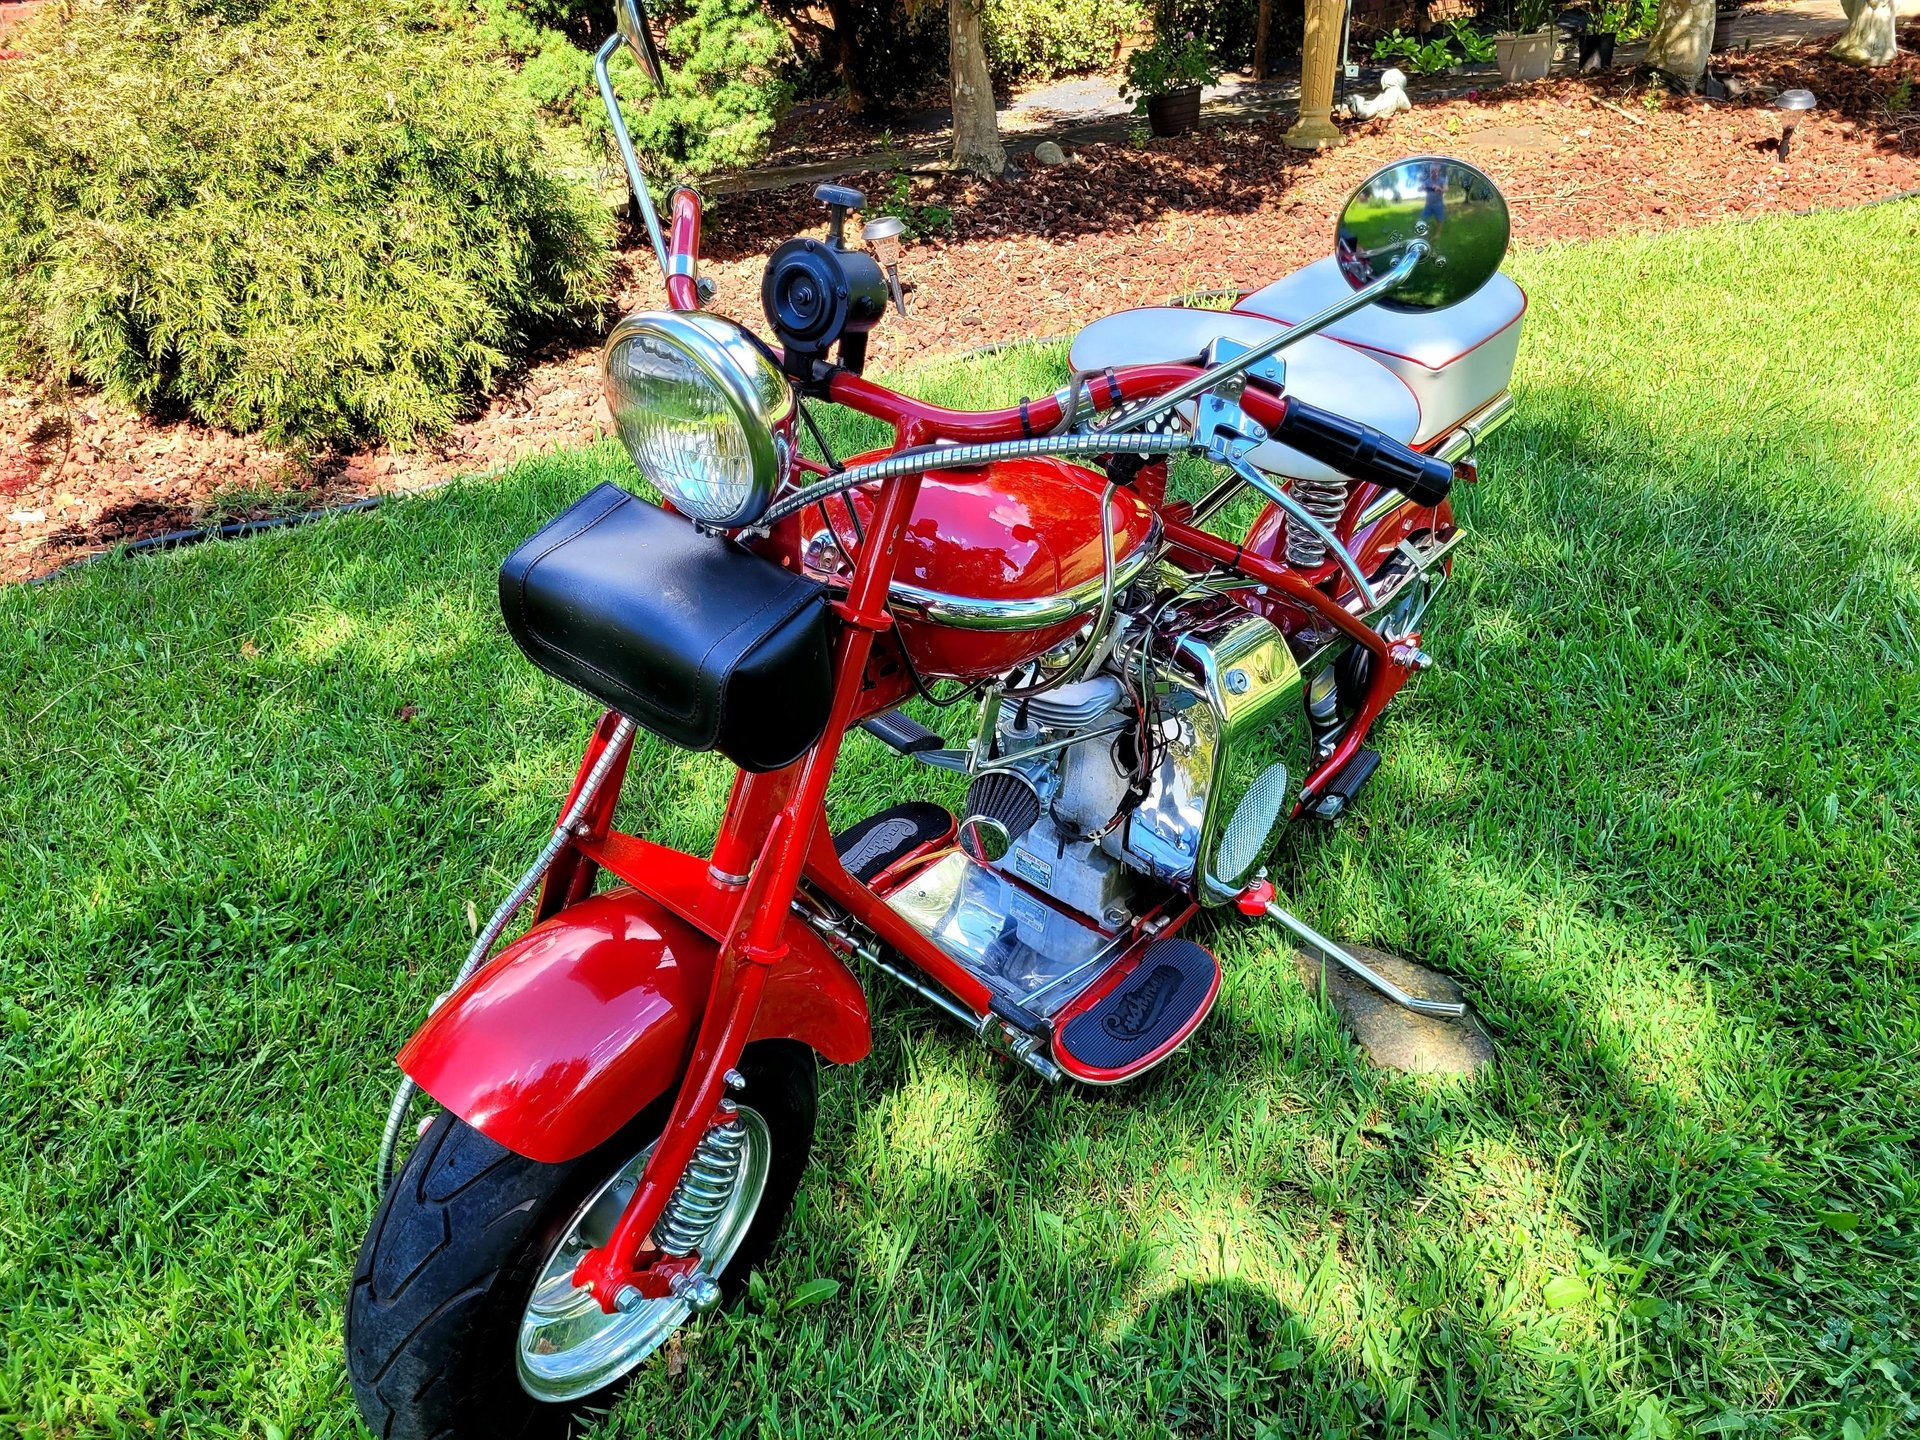 1955 cushman motorcycle